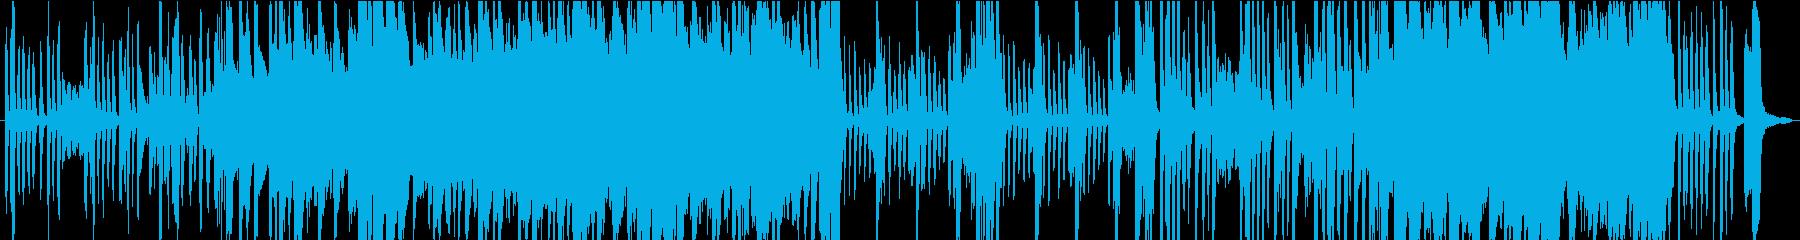 伝統的 ジャズ ビバップ ラテン ...の再生済みの波形